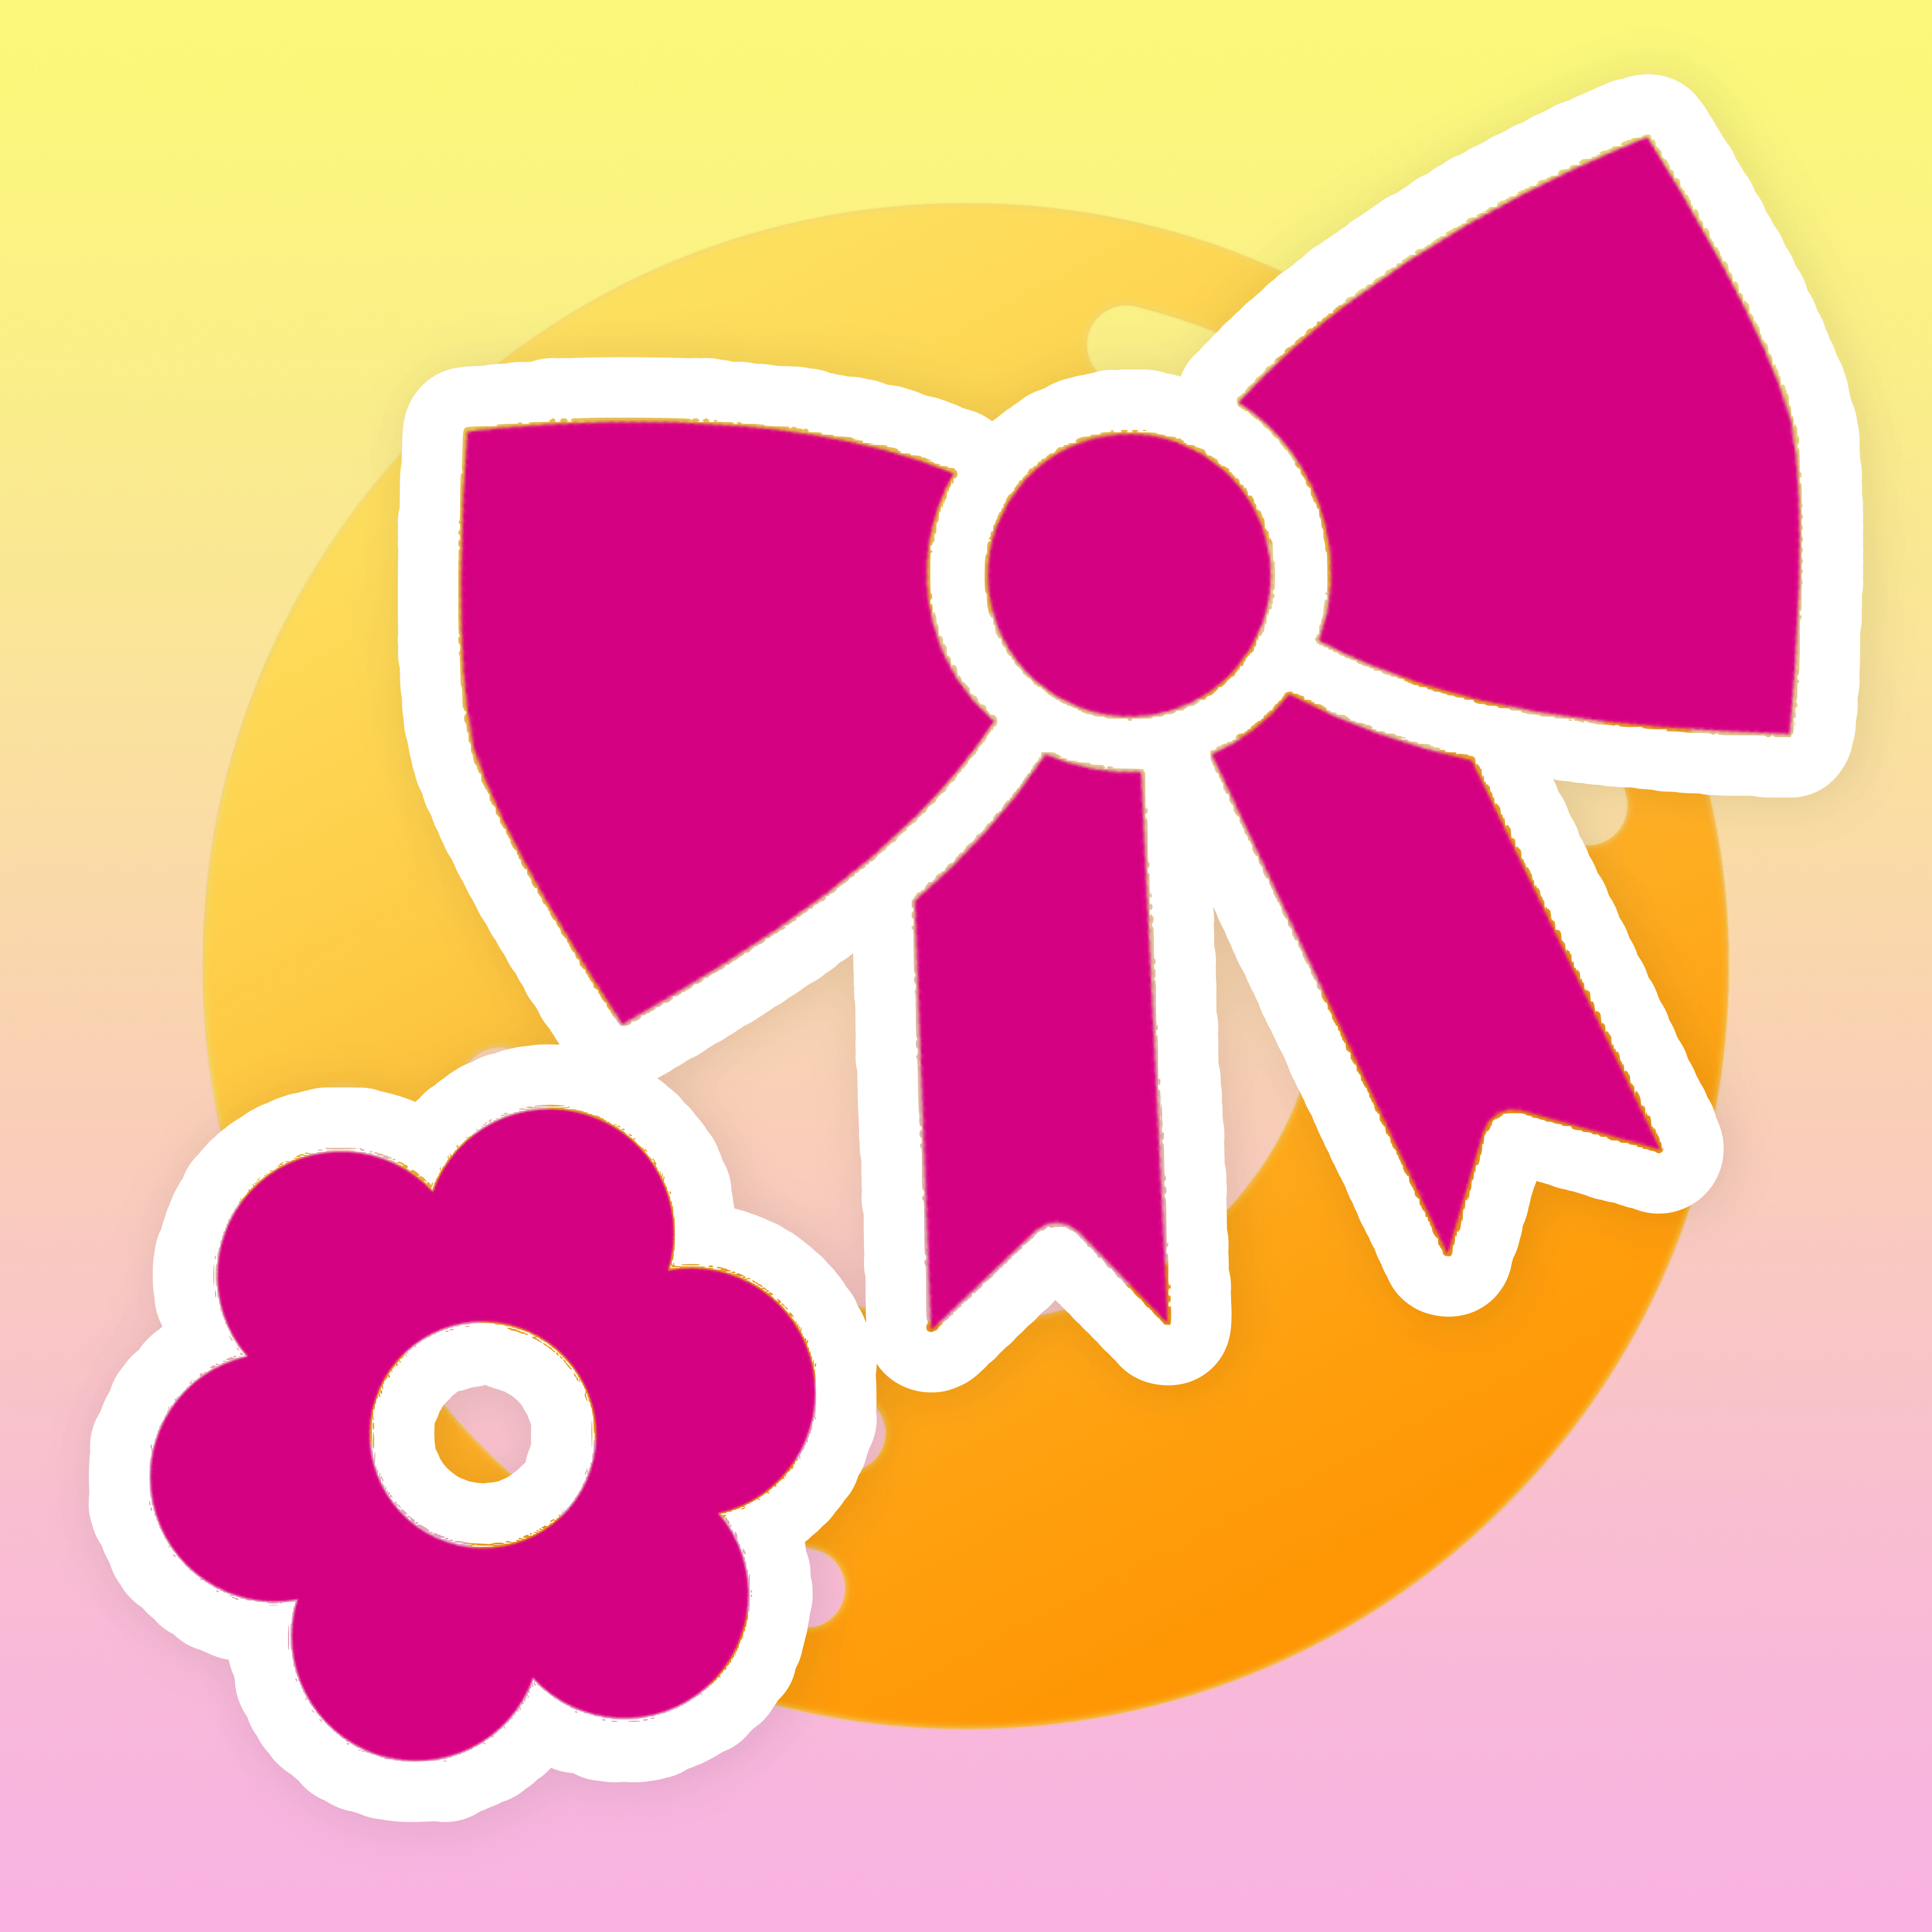 ya_kto avatar